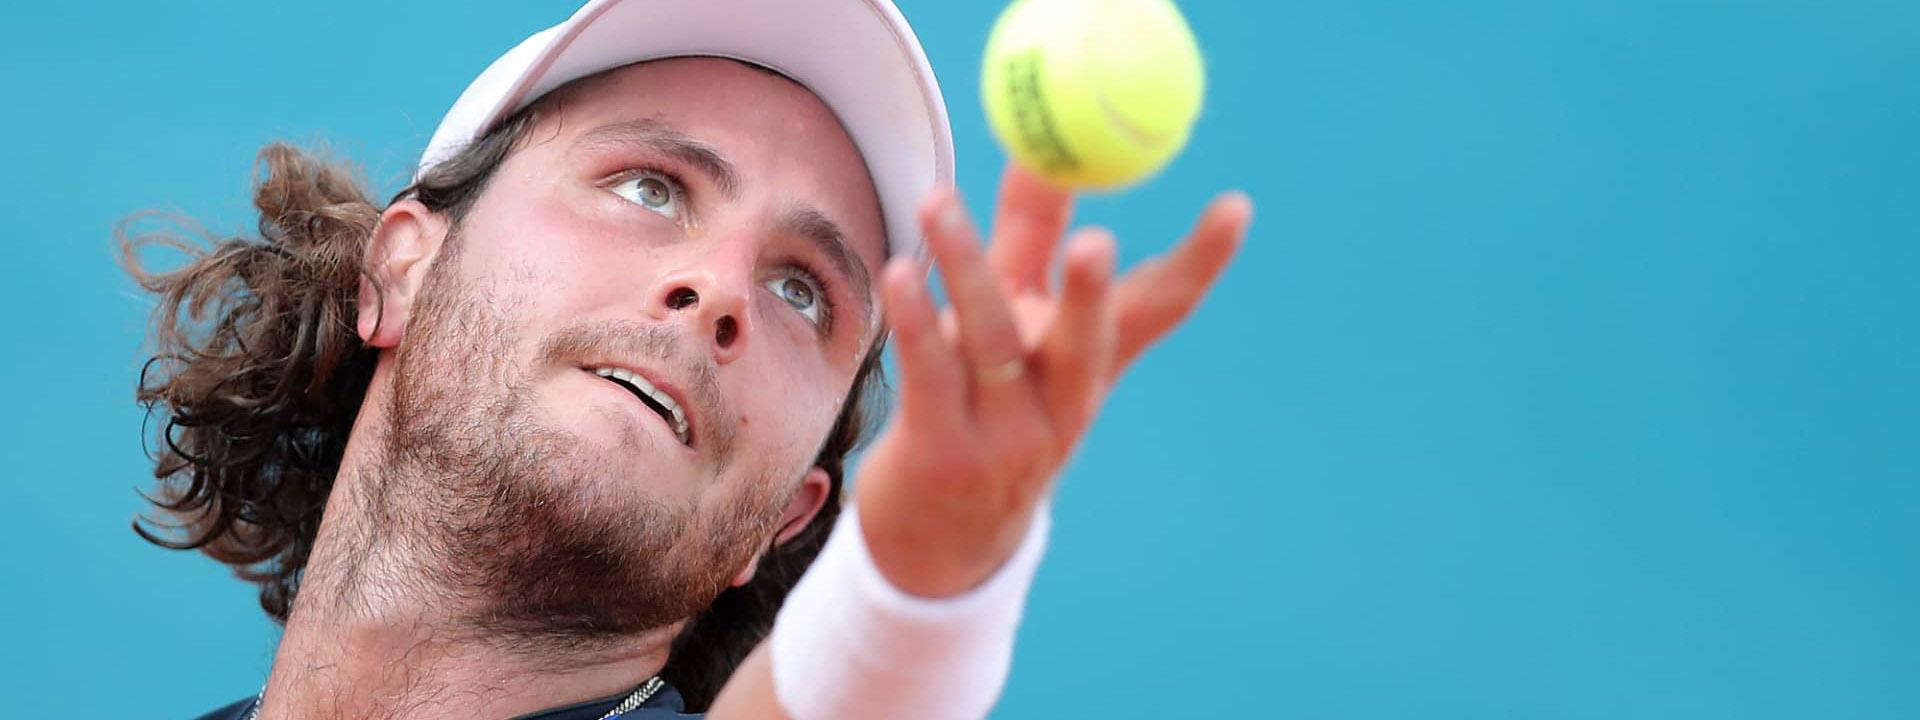 US Open: Trungelliti brilló en el pleno de victorias de los argentinos